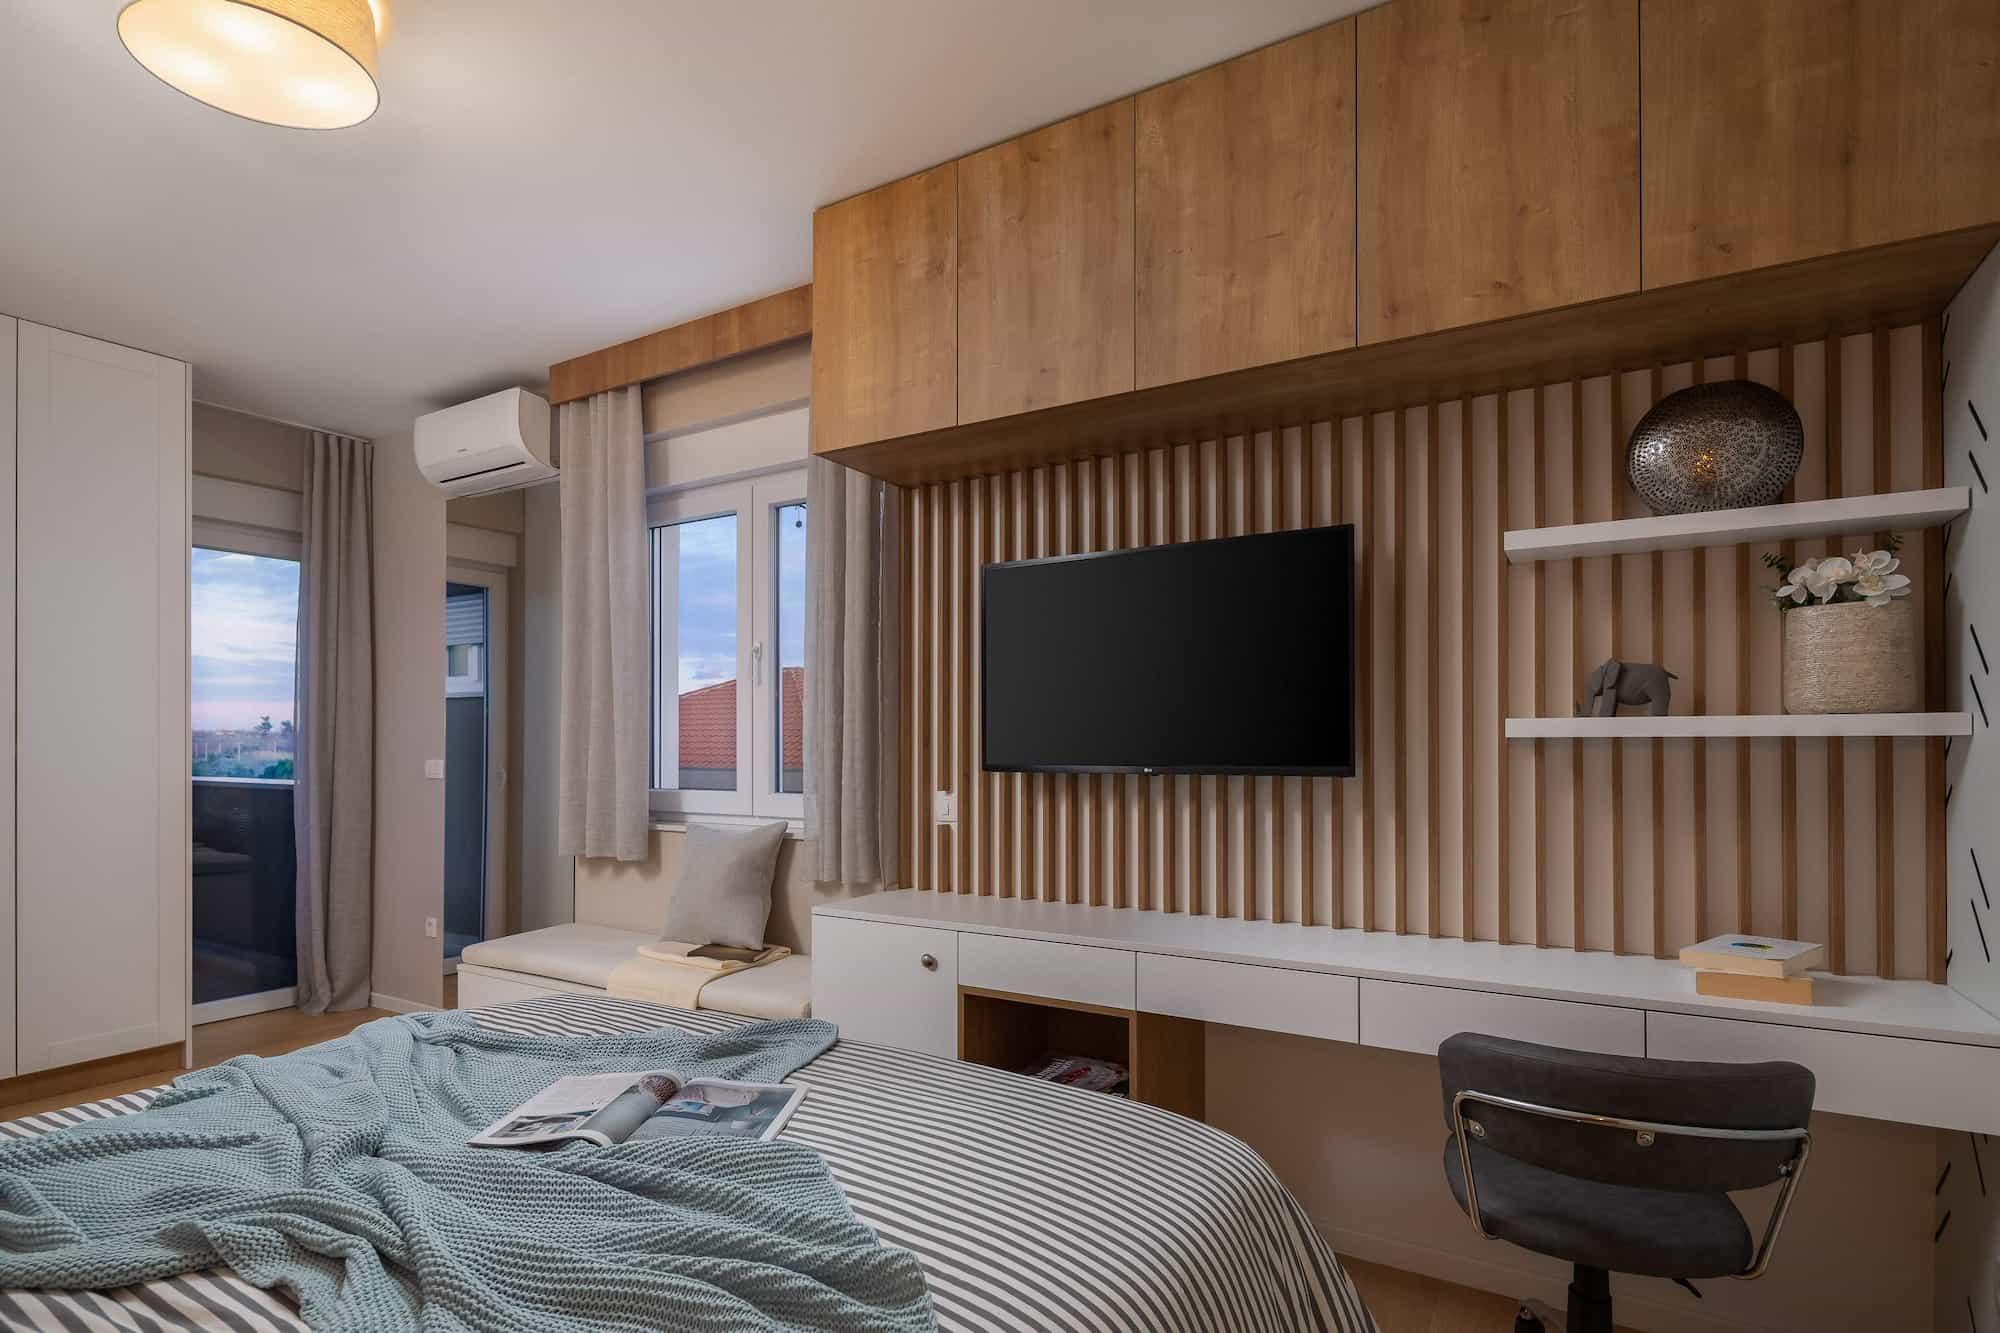 Vila za odmor s bazenom u Hrvatskoj, televizija i radni stol s drvenim detaljima u spavaćoj sobi